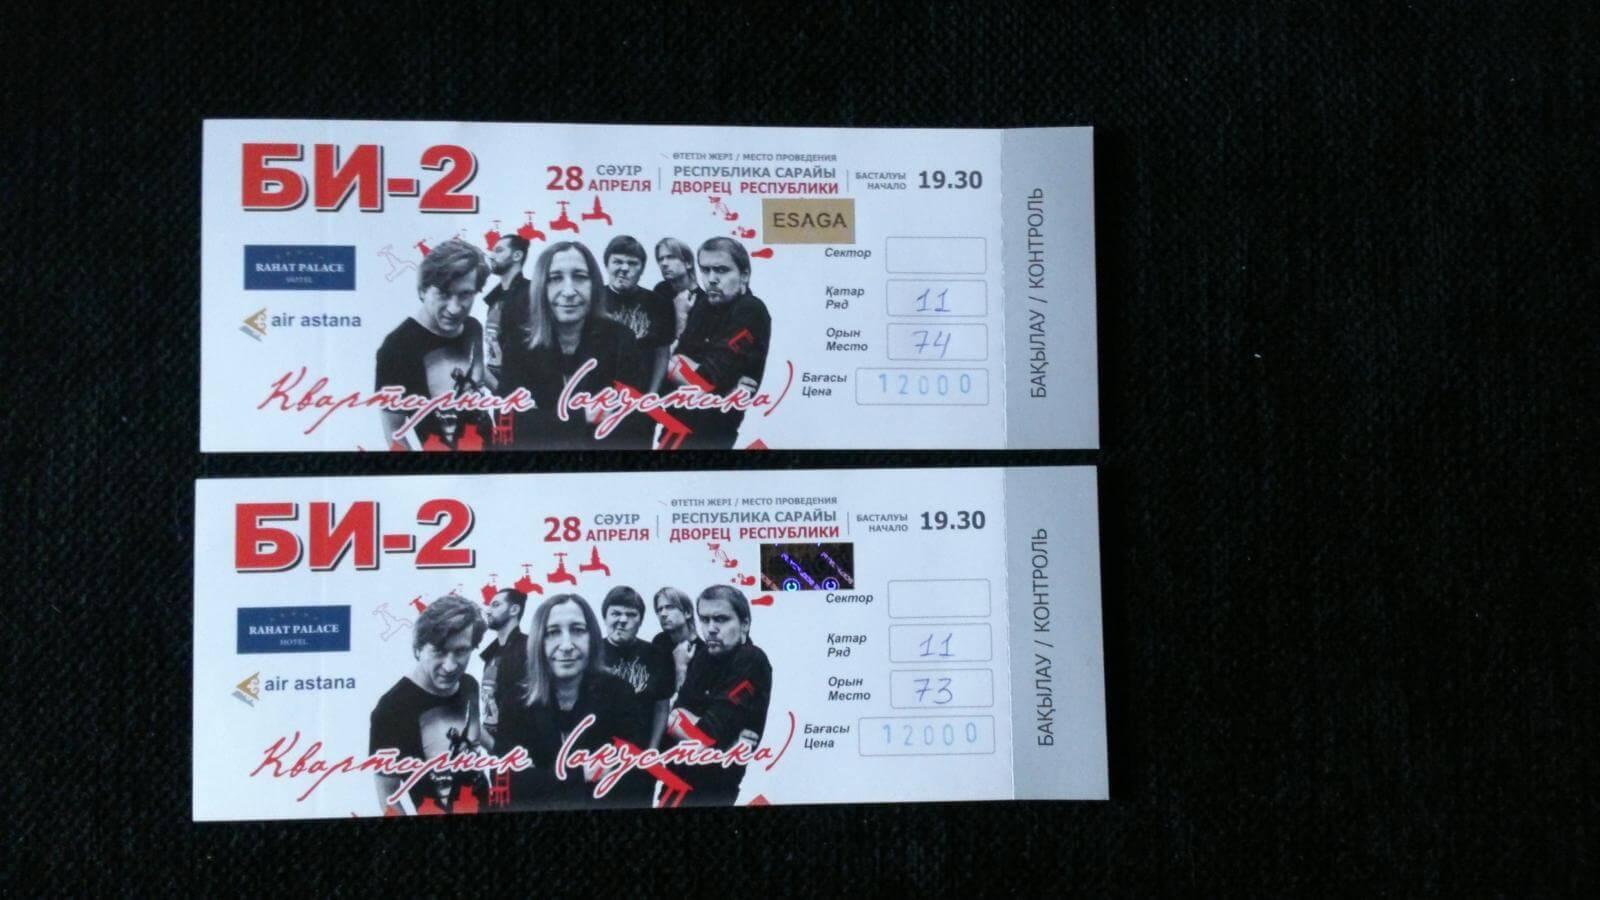 Можно ли вернуть билеты на концерт, процедура возврата